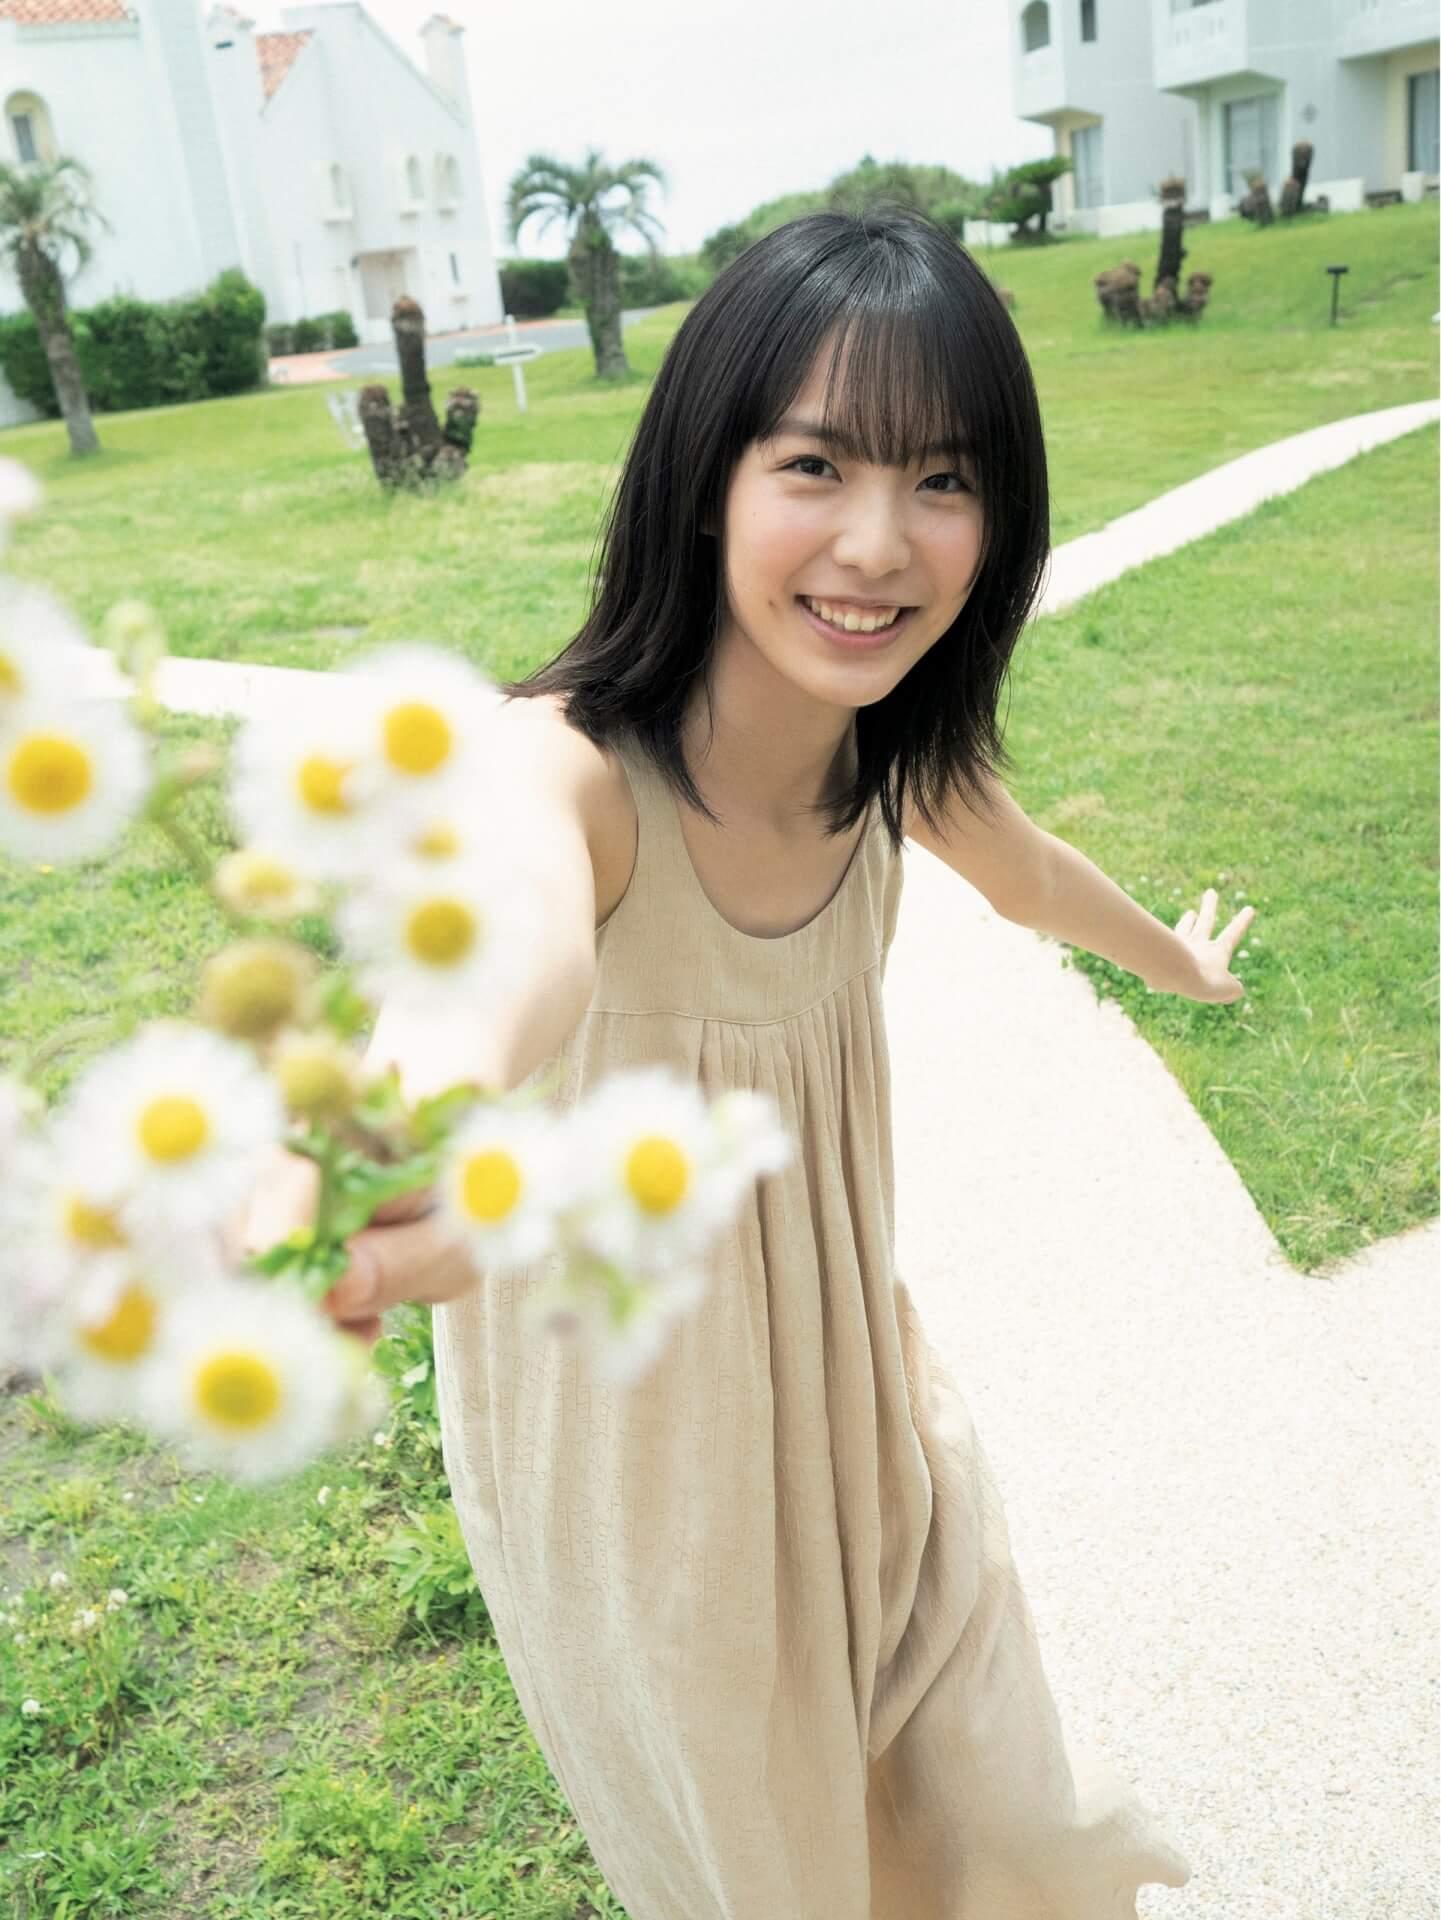 笑顔輝く芳根京子の魅力が止まらない!『FLASH』表紙&巻頭グラビア10Pに登場 art210706_flash_6